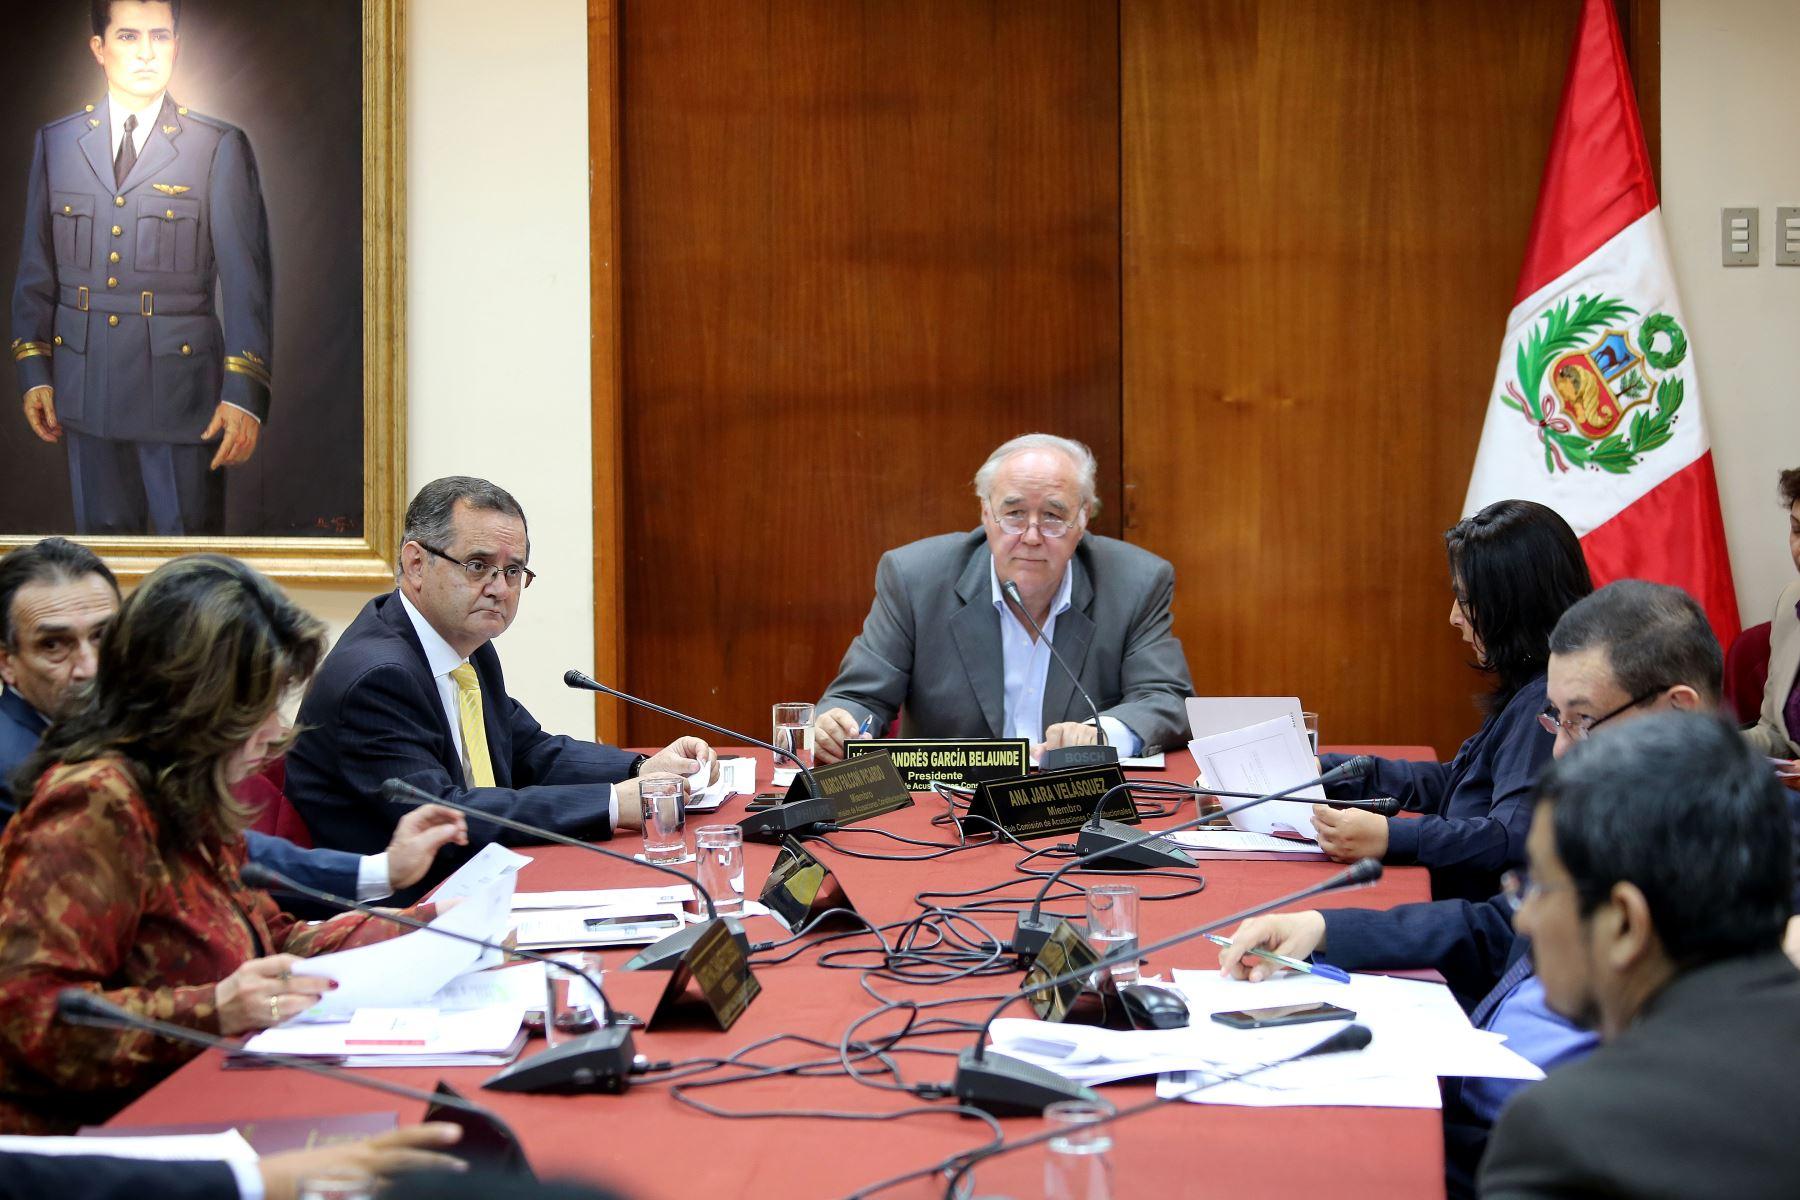 Subcomisión de Acusaciones Constitucionales presido por Víctor Andrés García Belaunde.